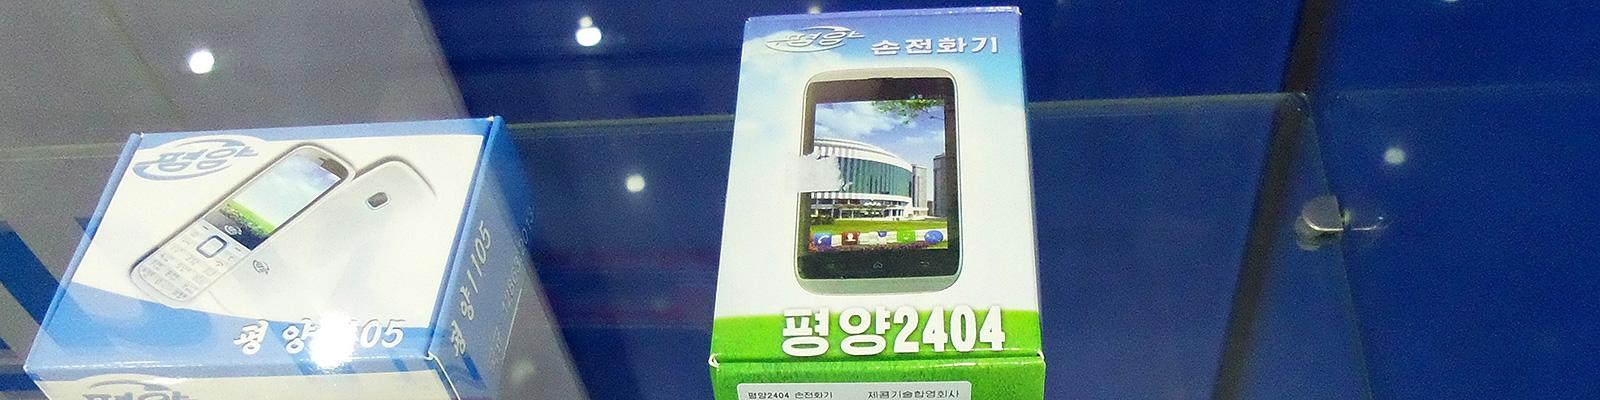 北朝鮮で売れる安価なスマートフォンPyongyang2404を試す